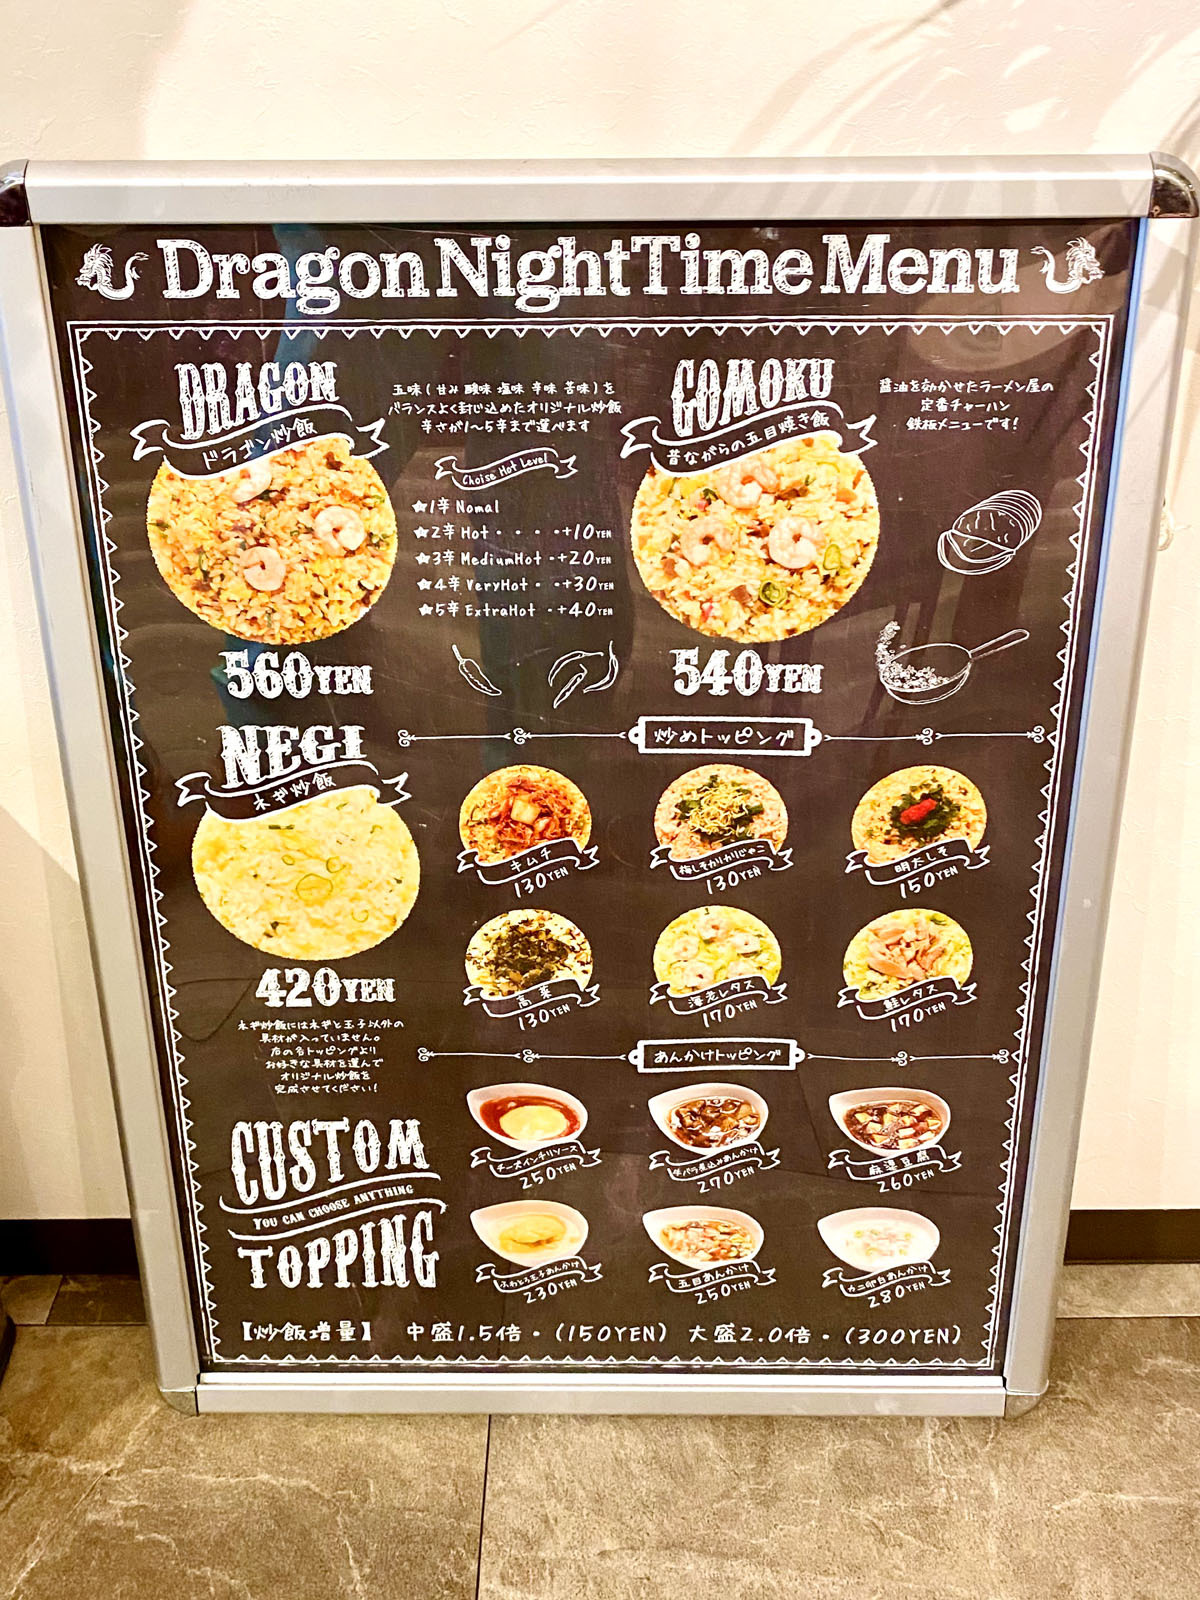 ドラゴン炒飯03 夜のメニュー